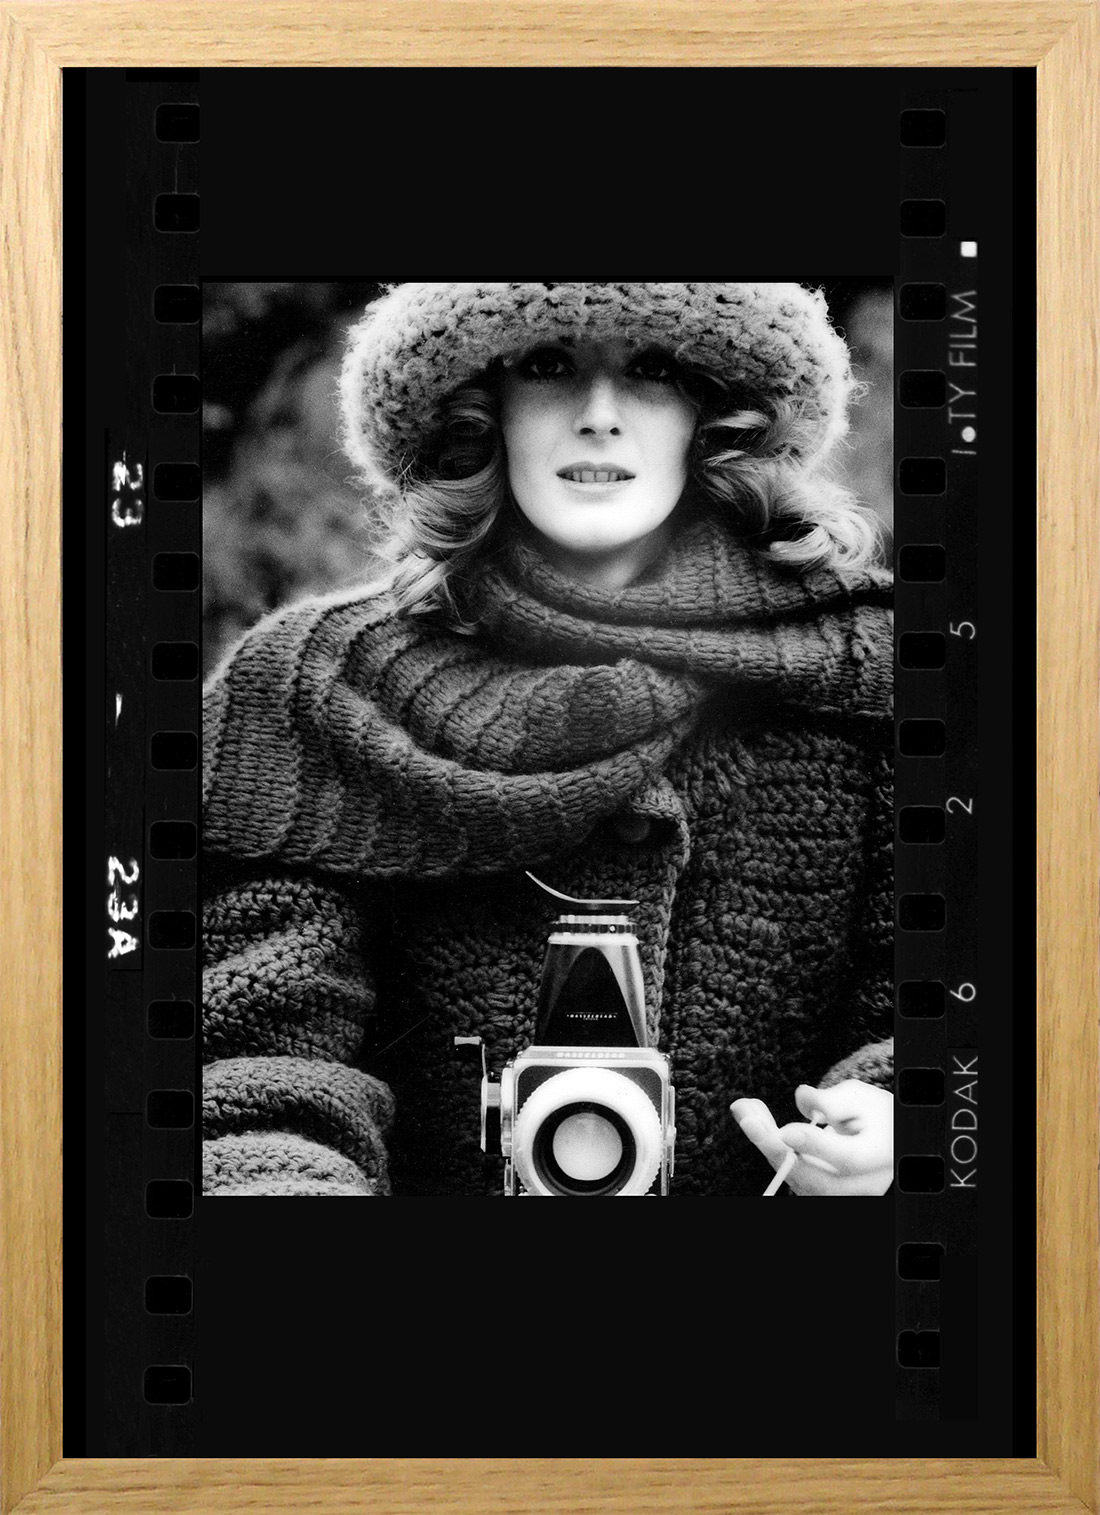 Hervé de Mestier - Photographie de mode vintage - Hassellblad